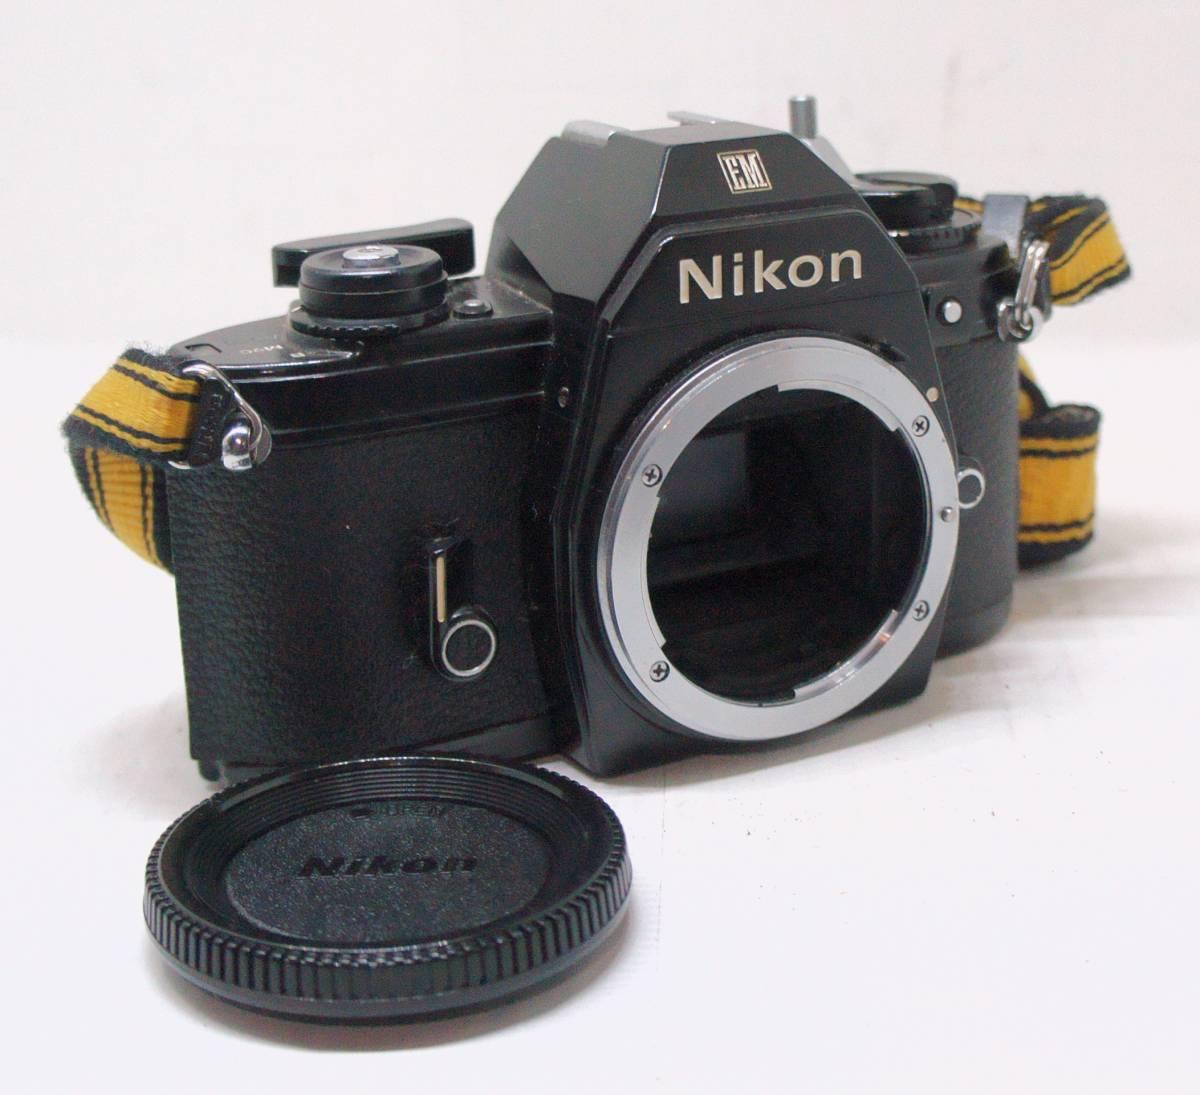 ☆綺麗な外観・送料無料・シャッターOK☆ ~フィルムレフ1眼レフカメラ(Fマウント)~ ニコン Nikon EM (A2019D0462) _画像1